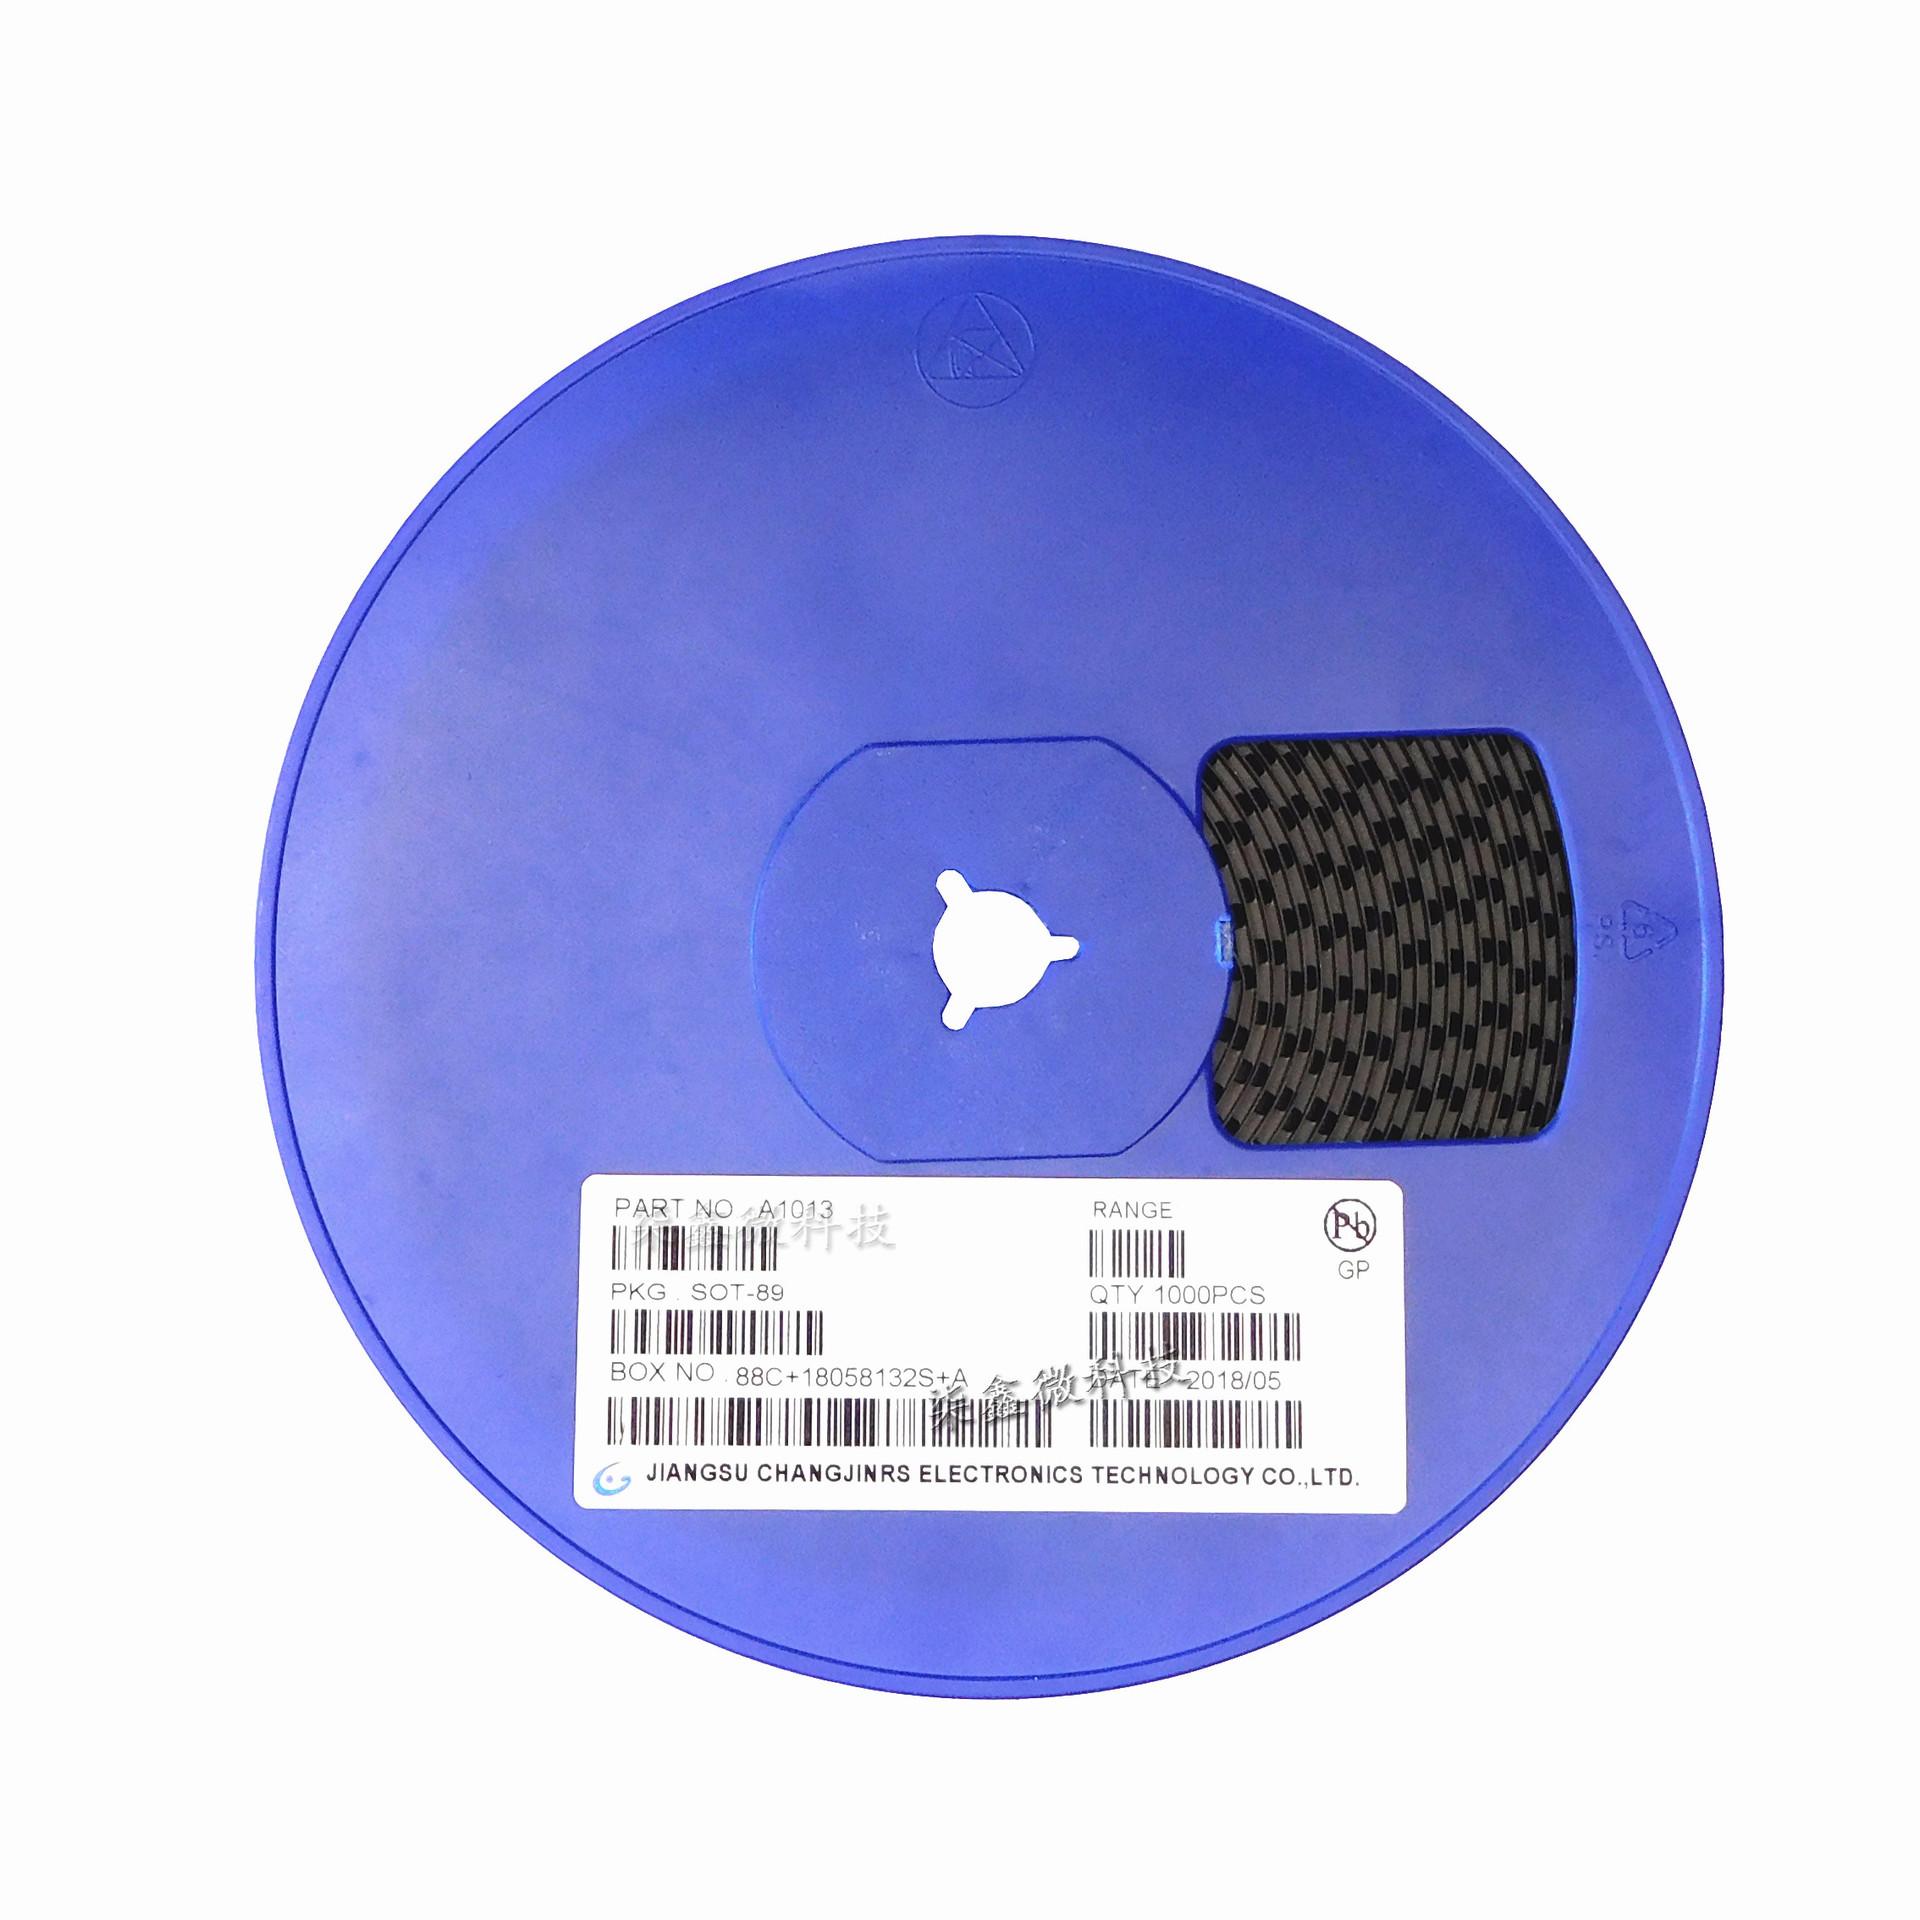 CHANGDIAN Điốt bán dẫn AZ23C5V1 SOT-23 lụa màn hình KD8 dài điện gốc Zener diode 5.1V